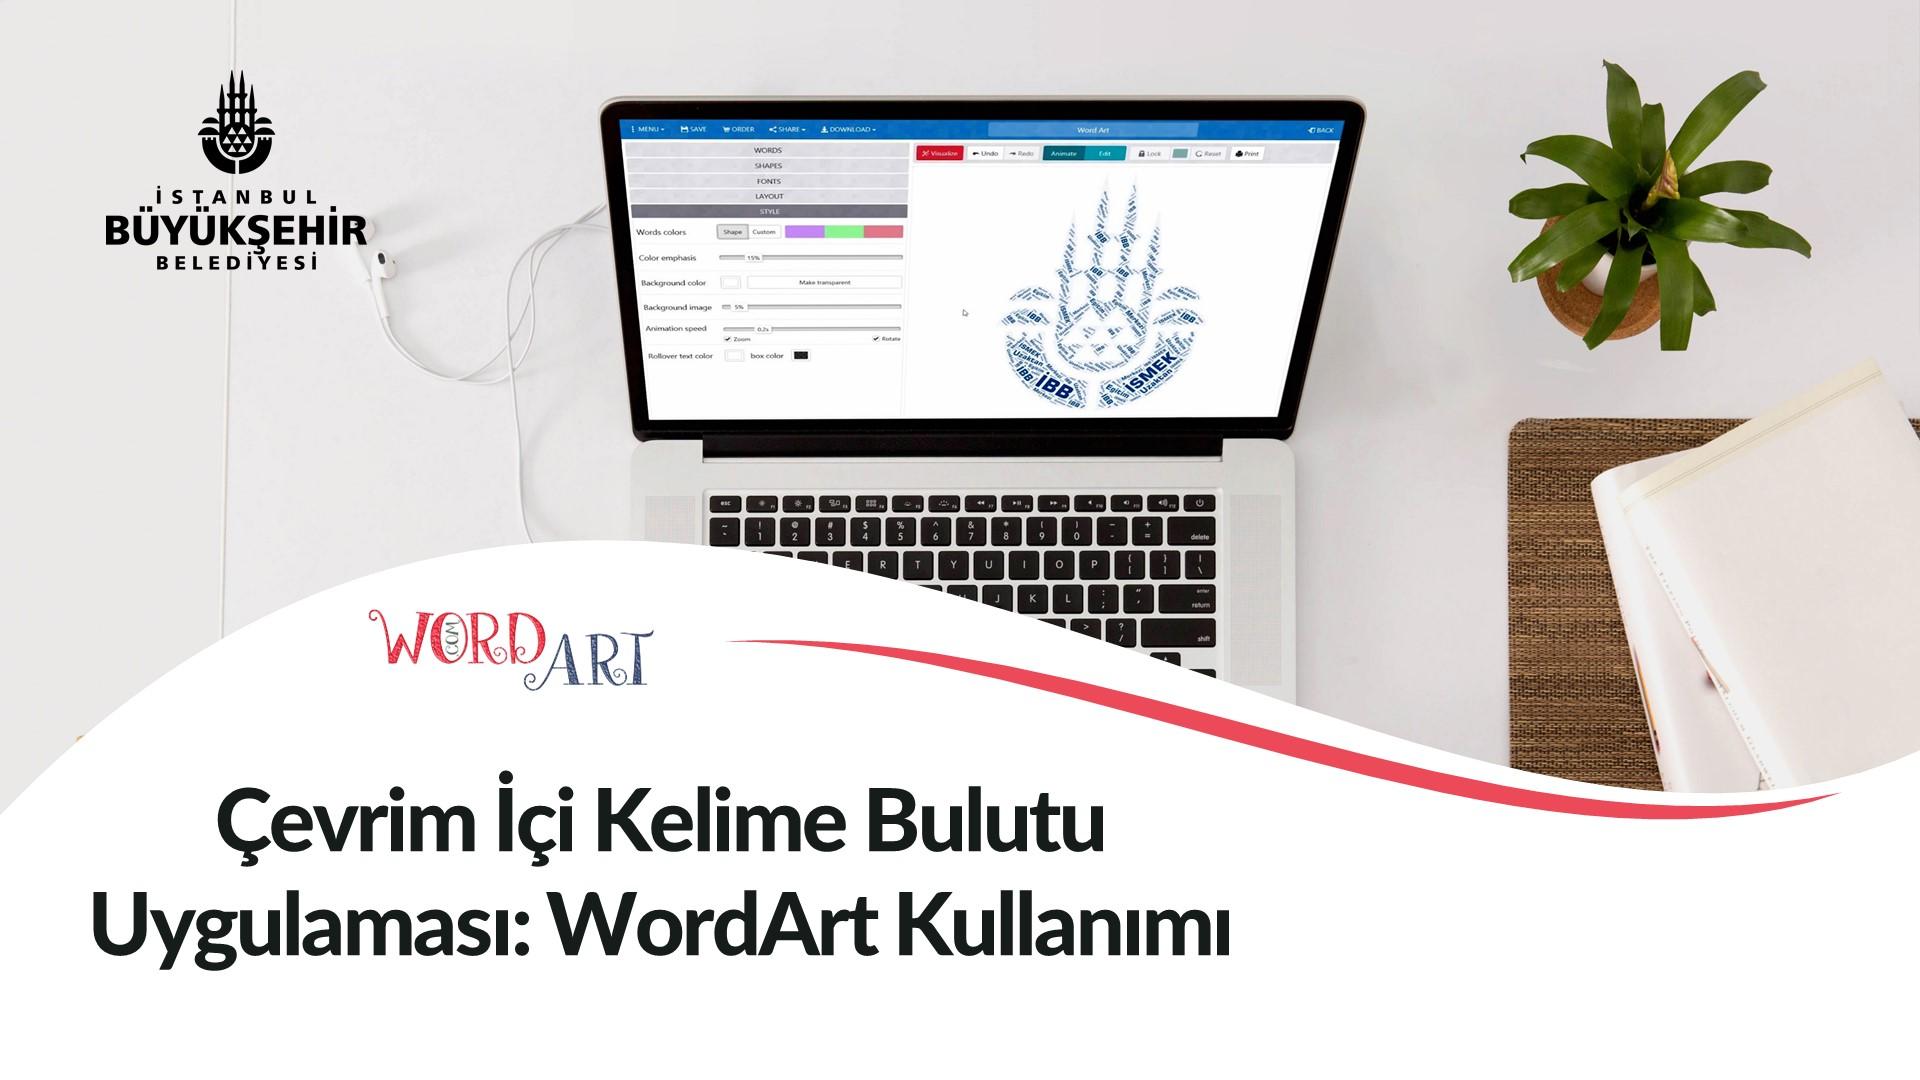 Çevrim İçi Kelime Bulutu Uygulaması: Word Art Kullanımı Kayıtları Başladı